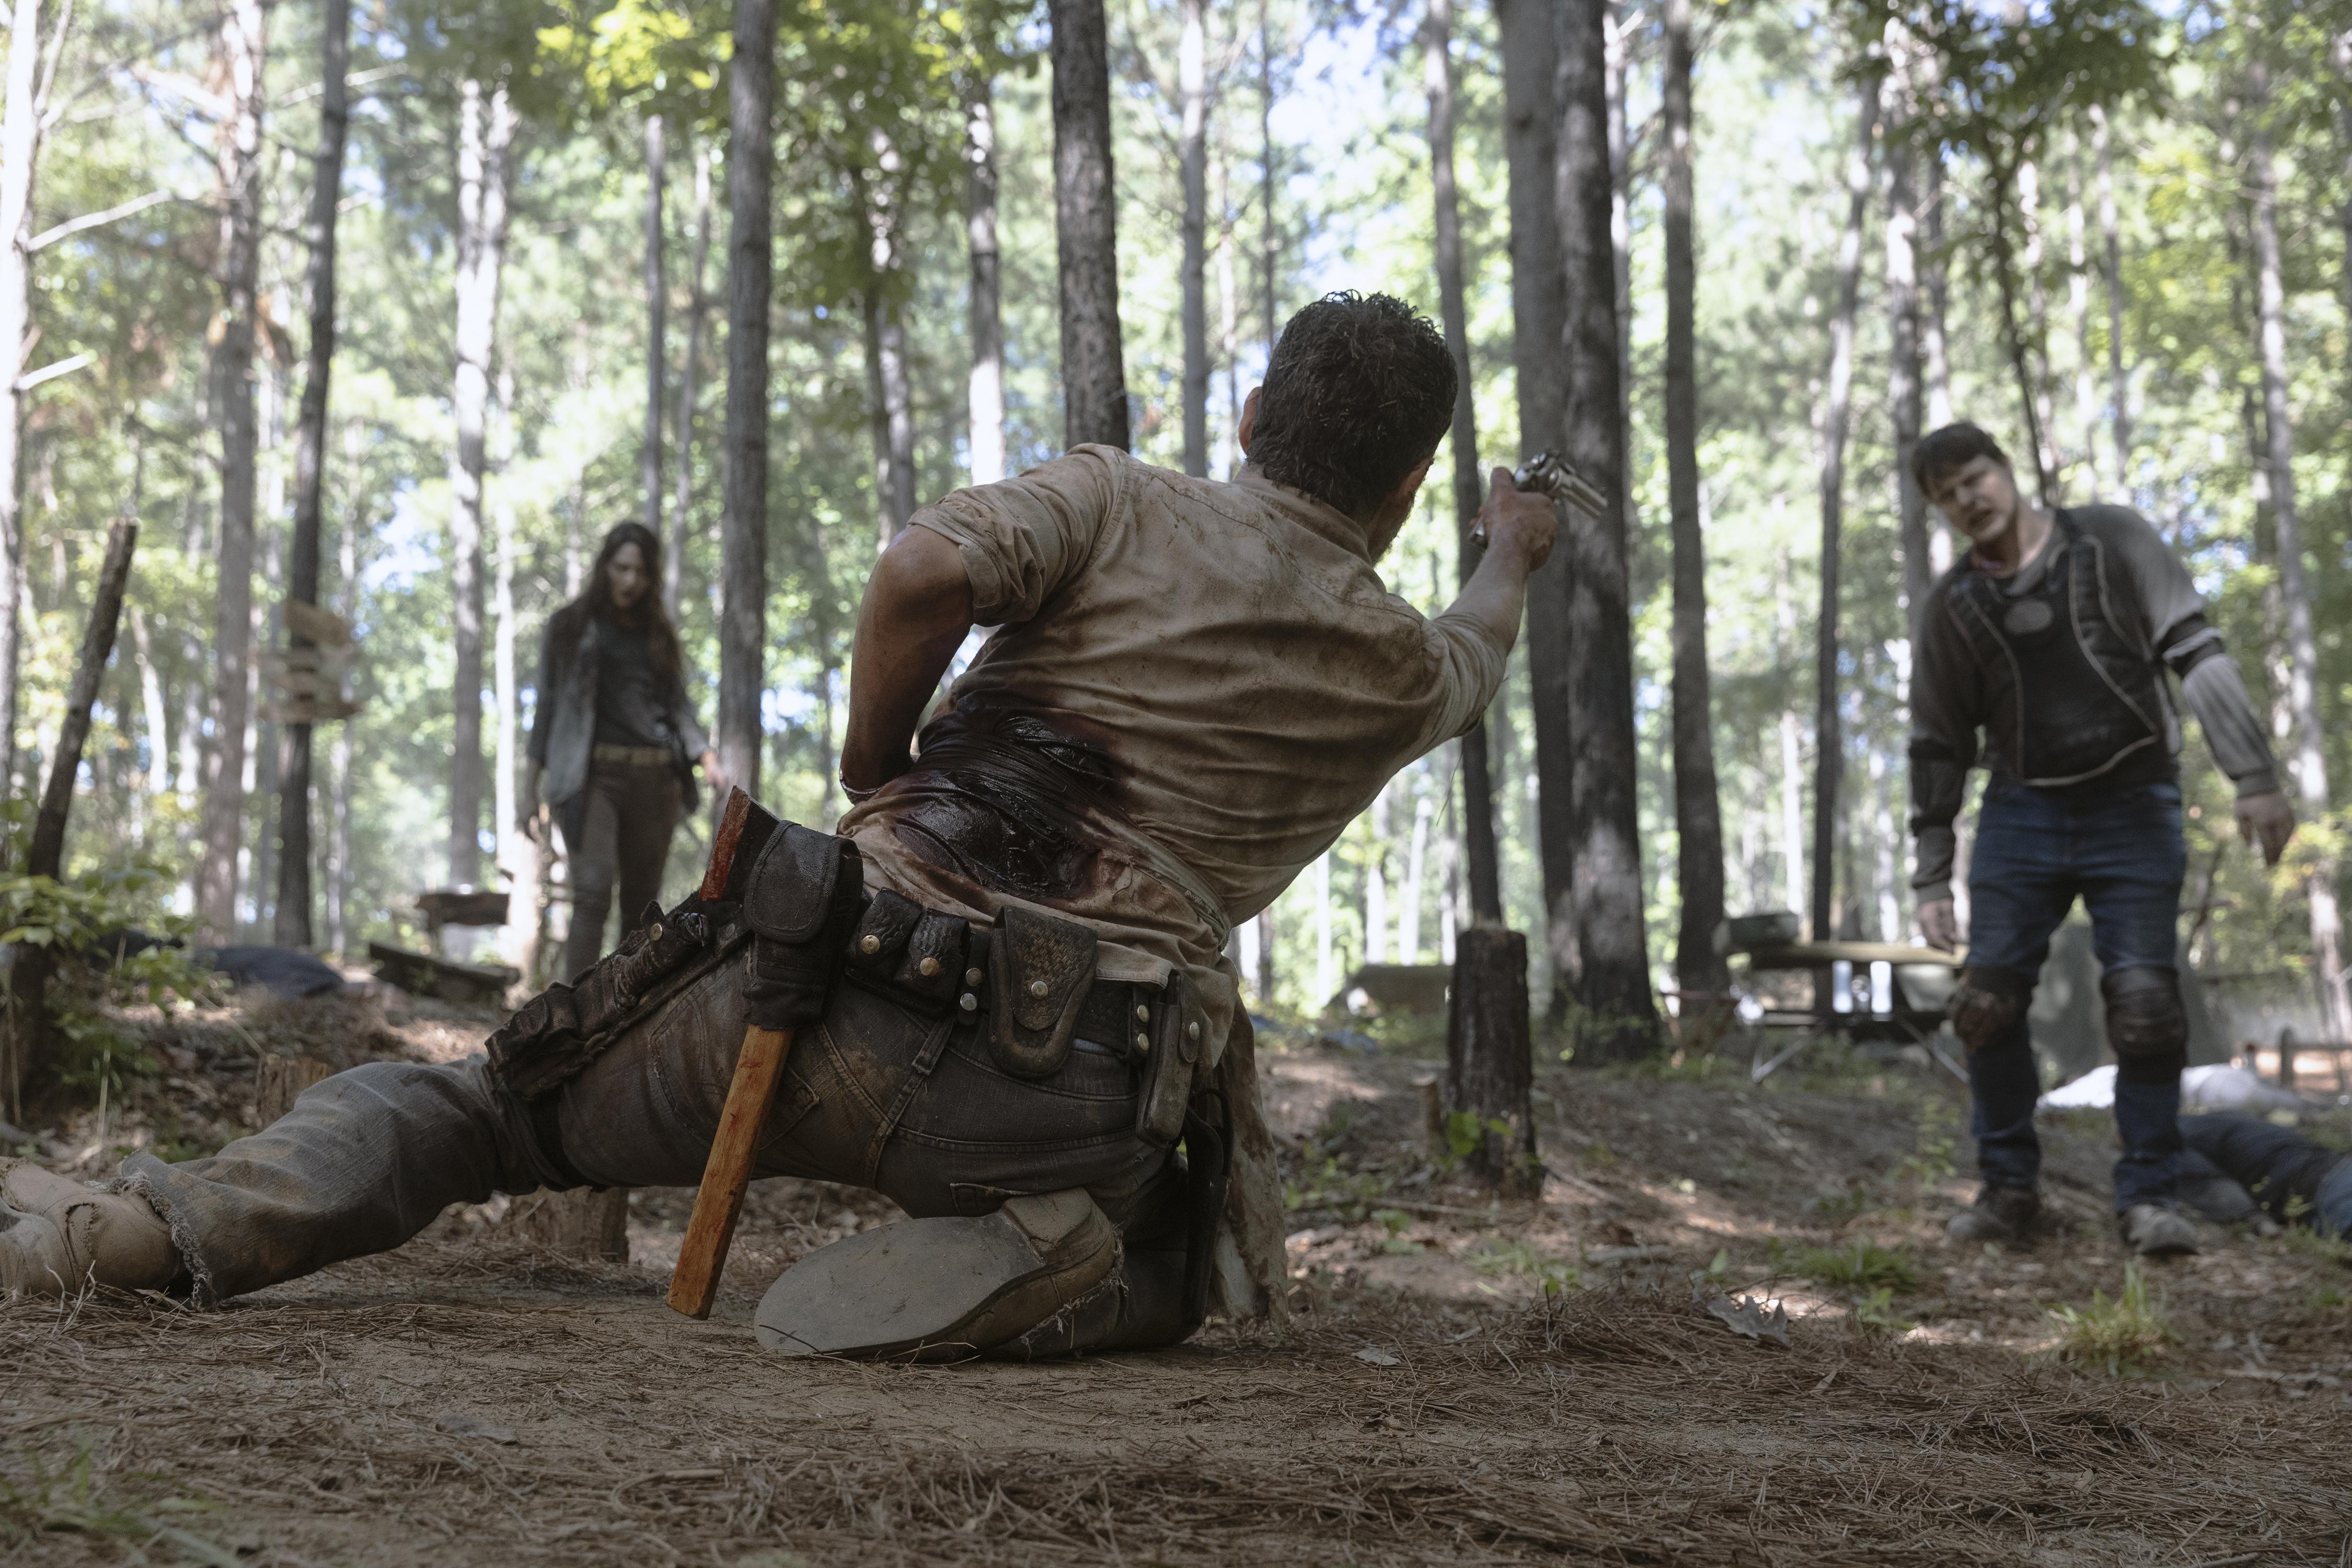 Rick Grimes (Andrew Lincoln) arrive à peine à se défendre des marcheurs - The Walking Dead - Saison 9, Épisode 5 - Crédit photo : Jackson Lee Davis/AMC